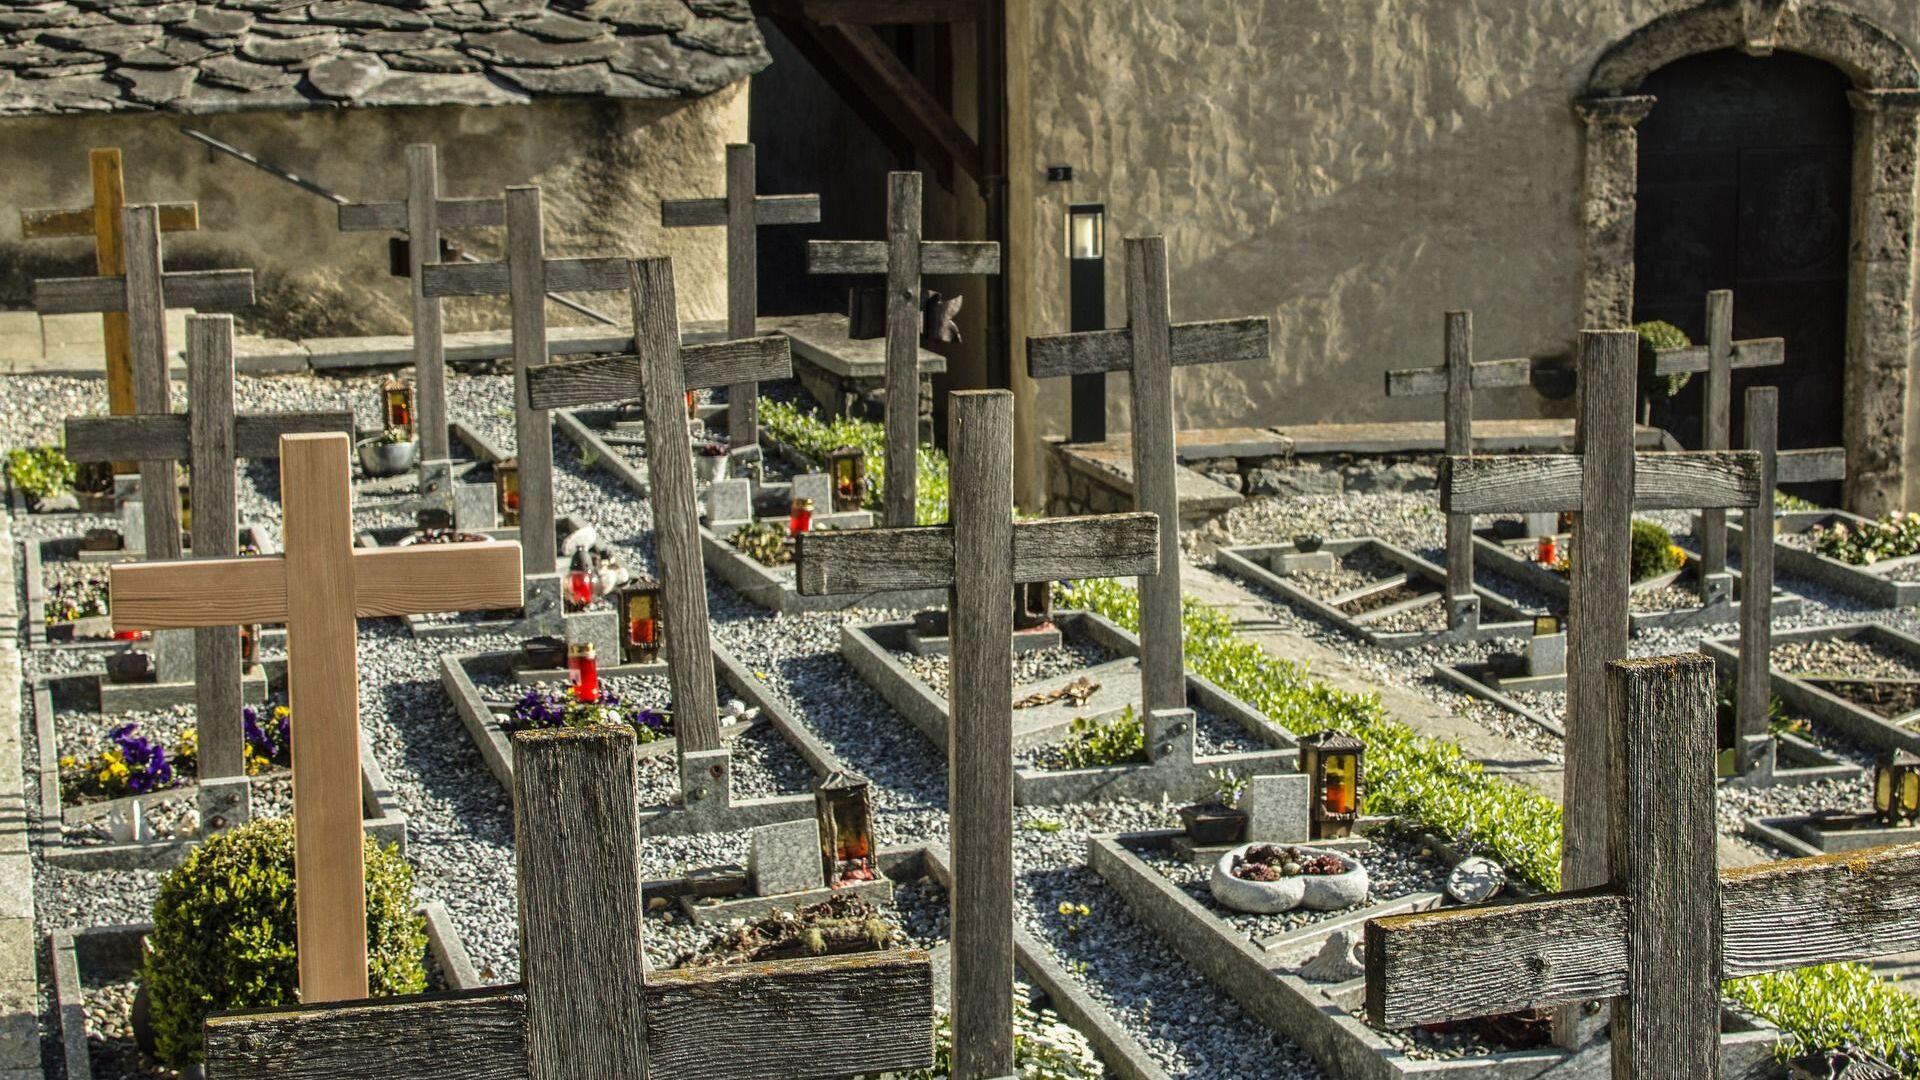 Un cementerio (imagen referencial) - Sputnik Mundo, 1920, 27.04.2021